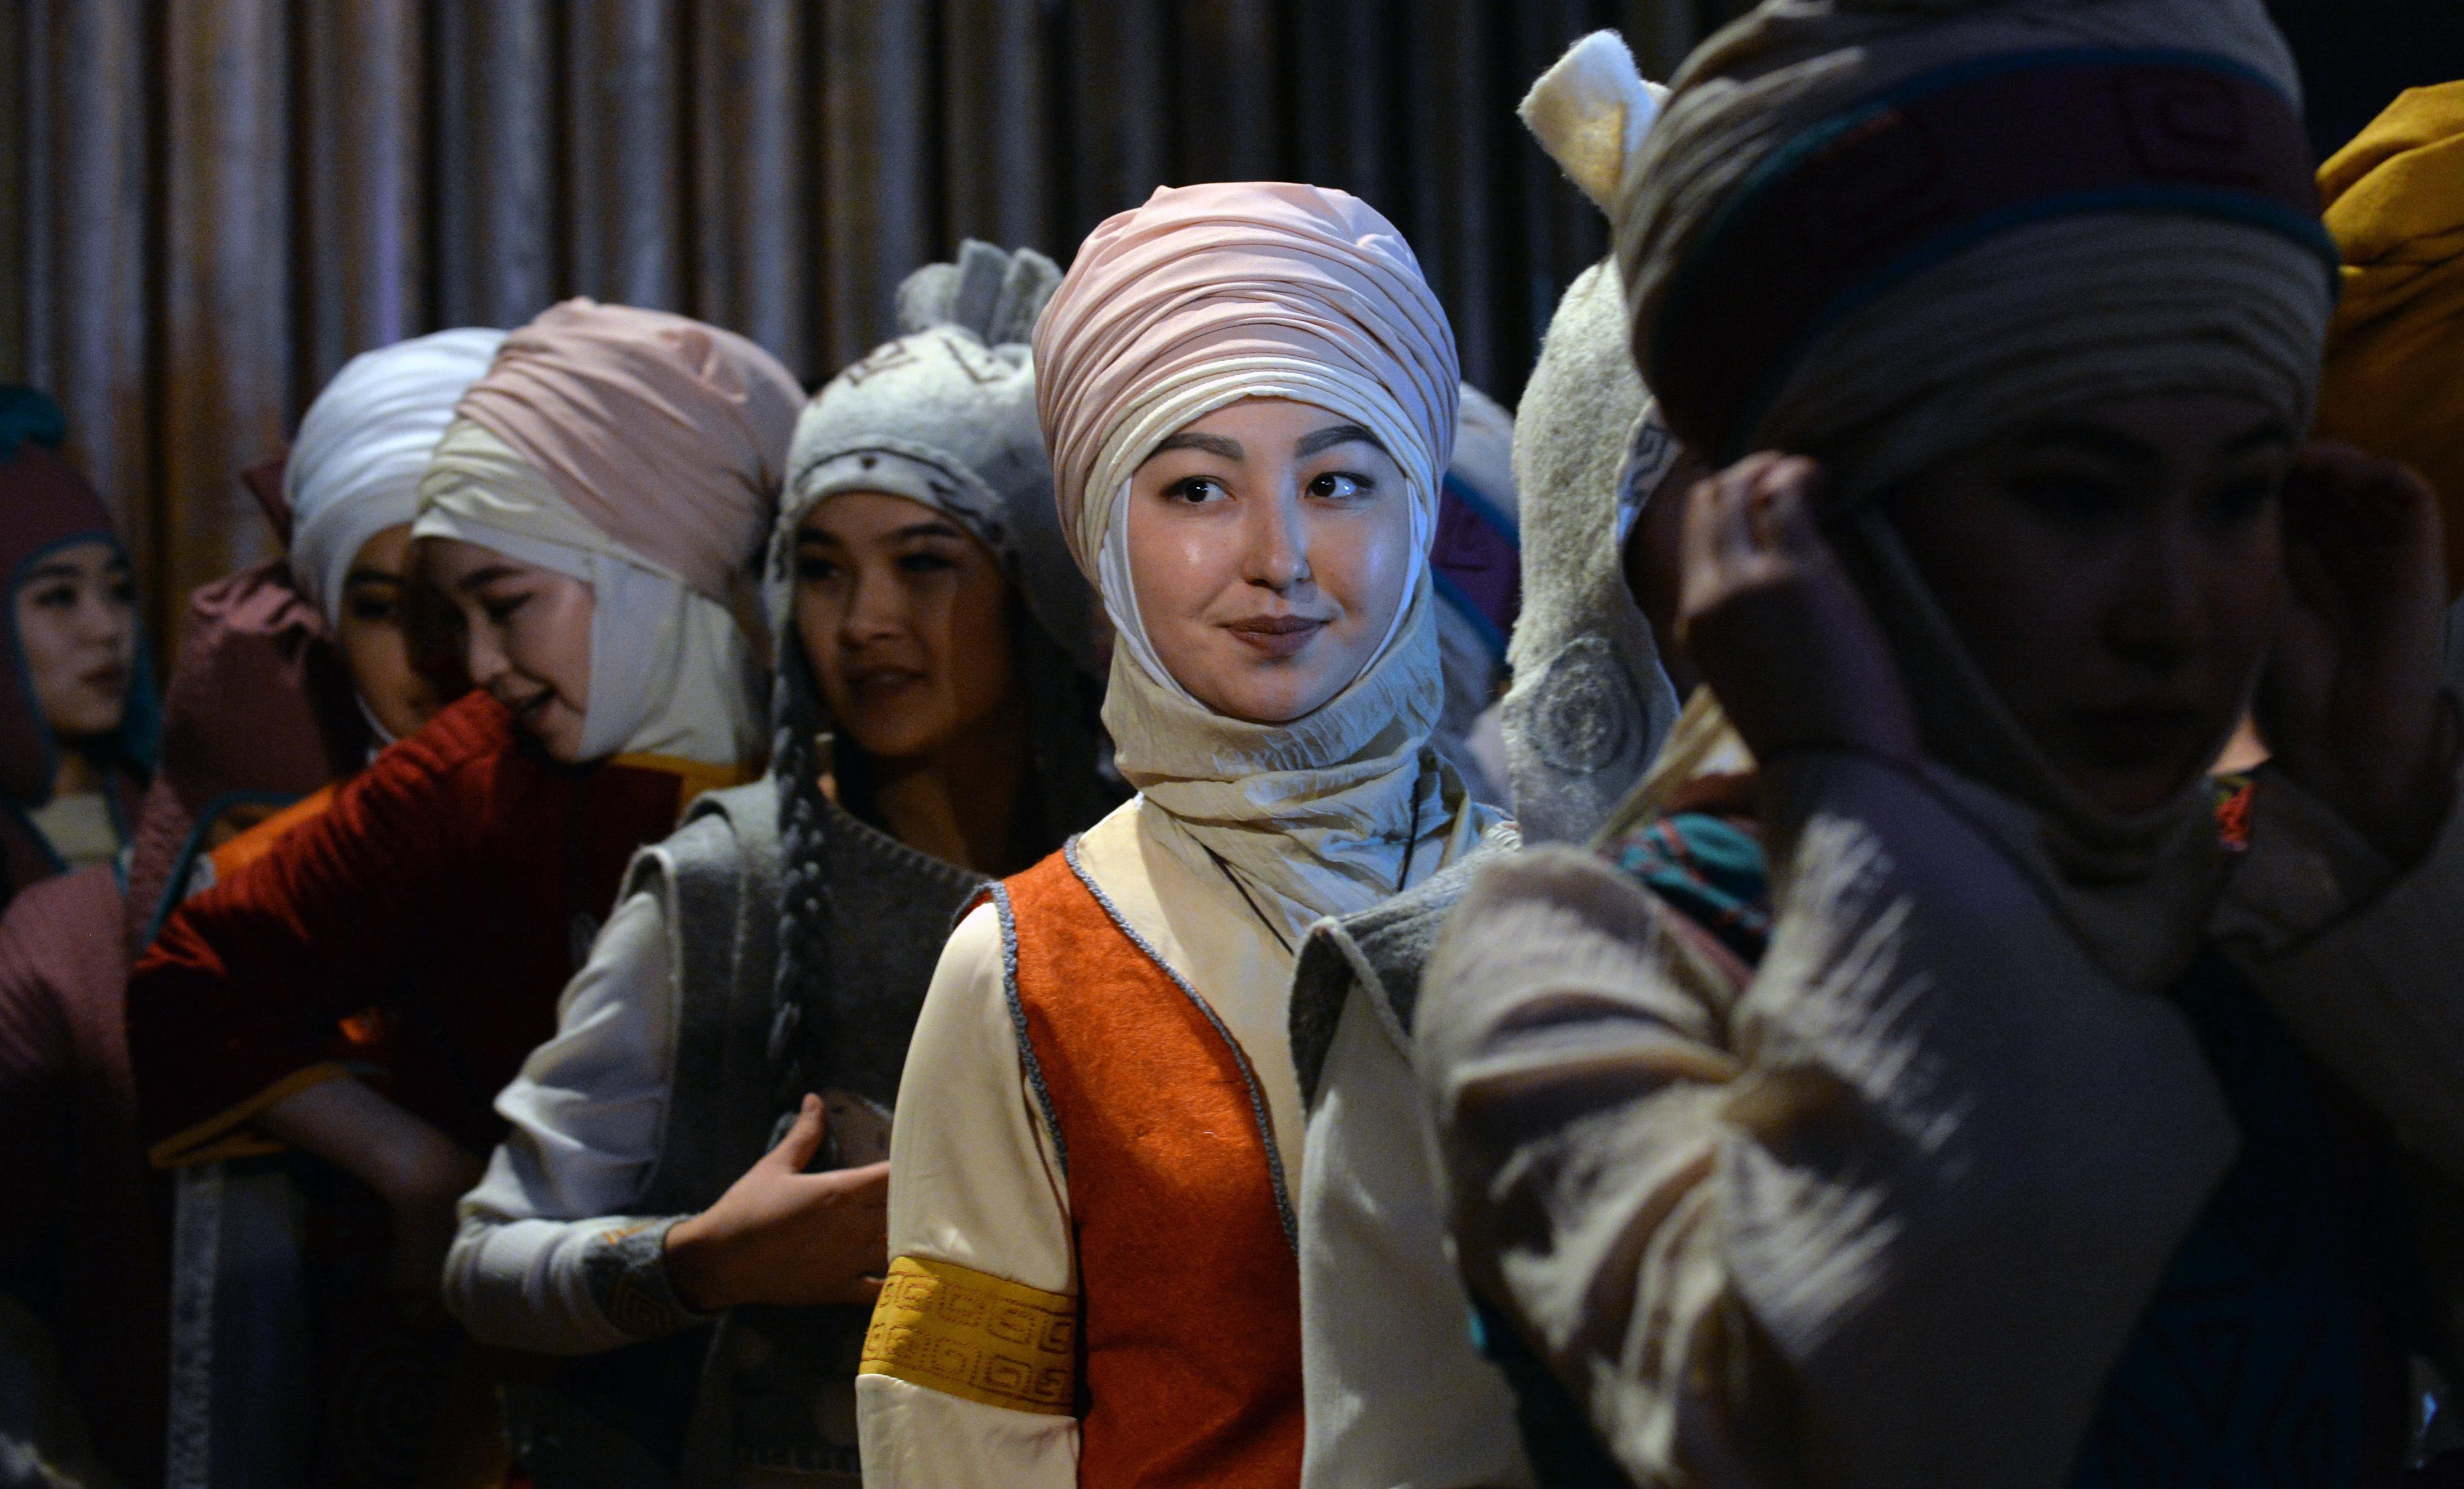 Женщины Кыргызстана играют растущую роль в борьбе с неверным толкованием ислама